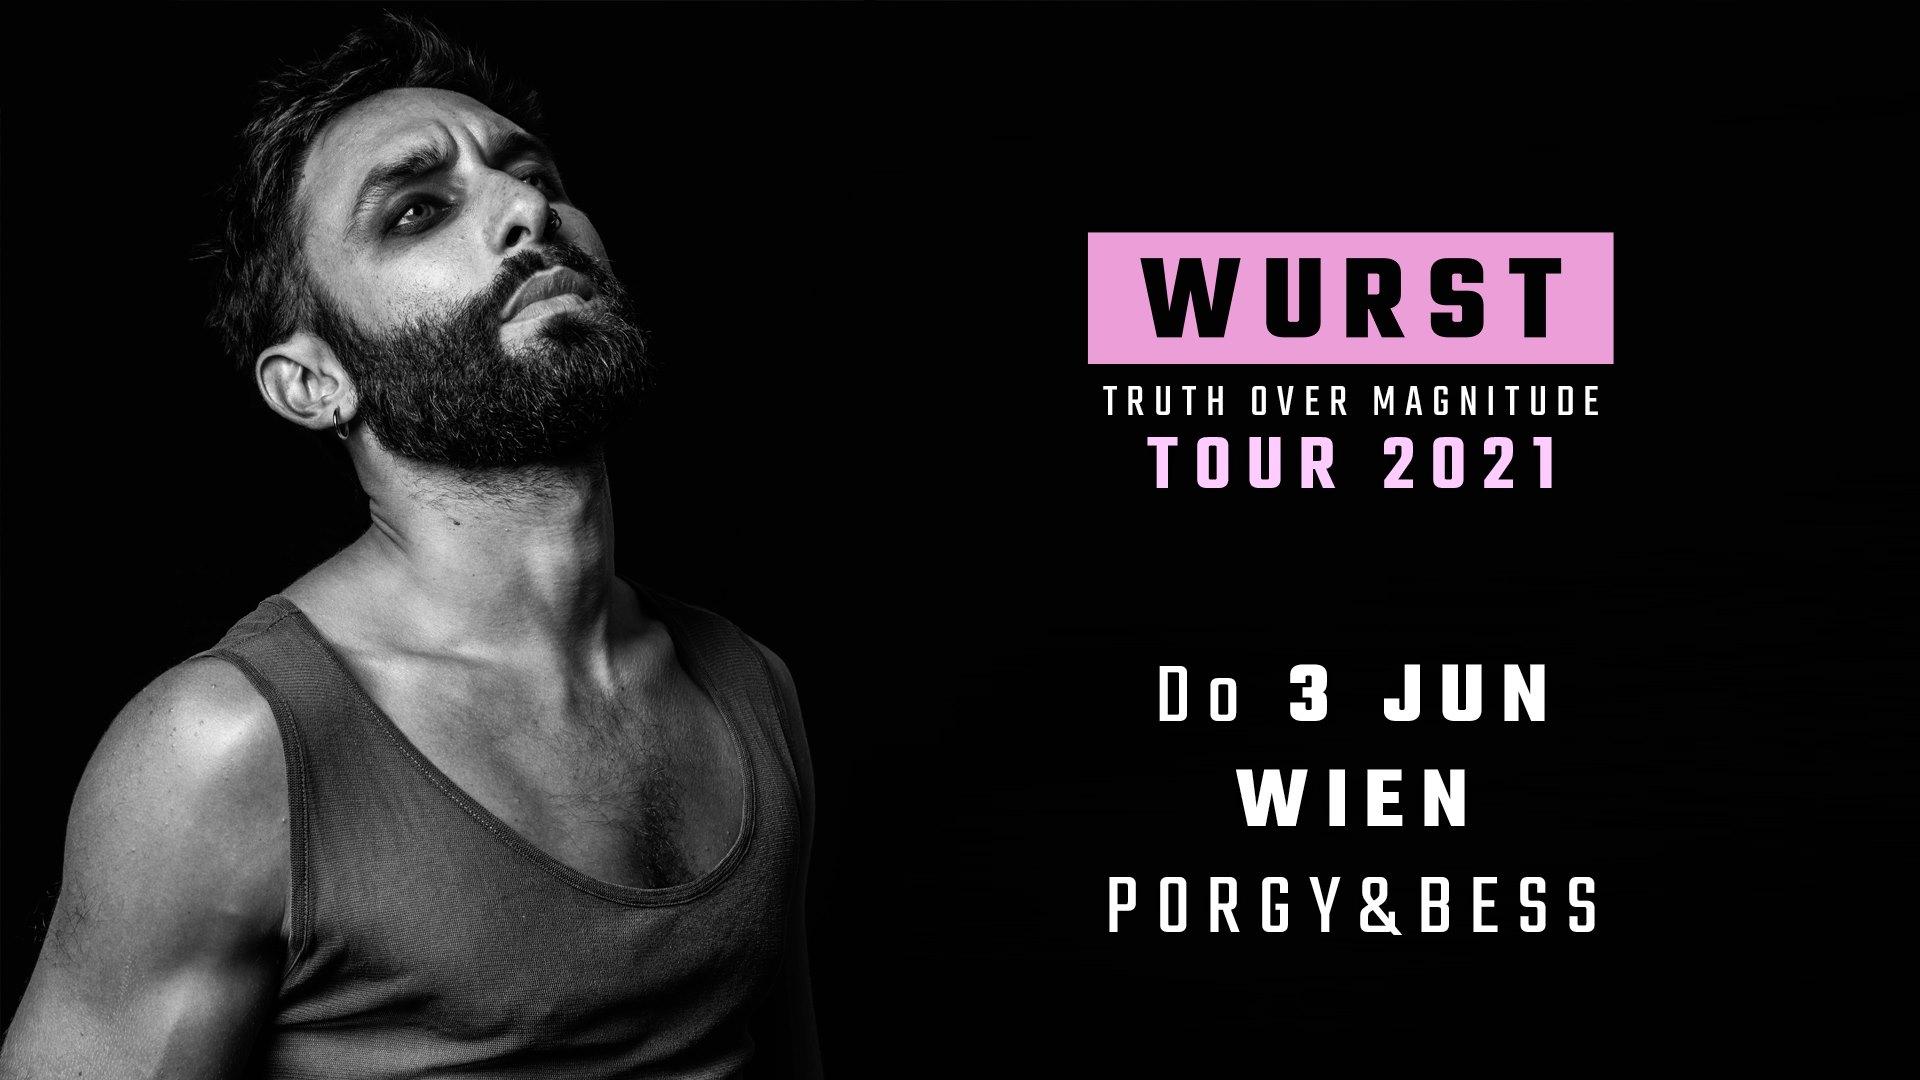 Wurst am 3. June 2021 @ Porgy & Bess.